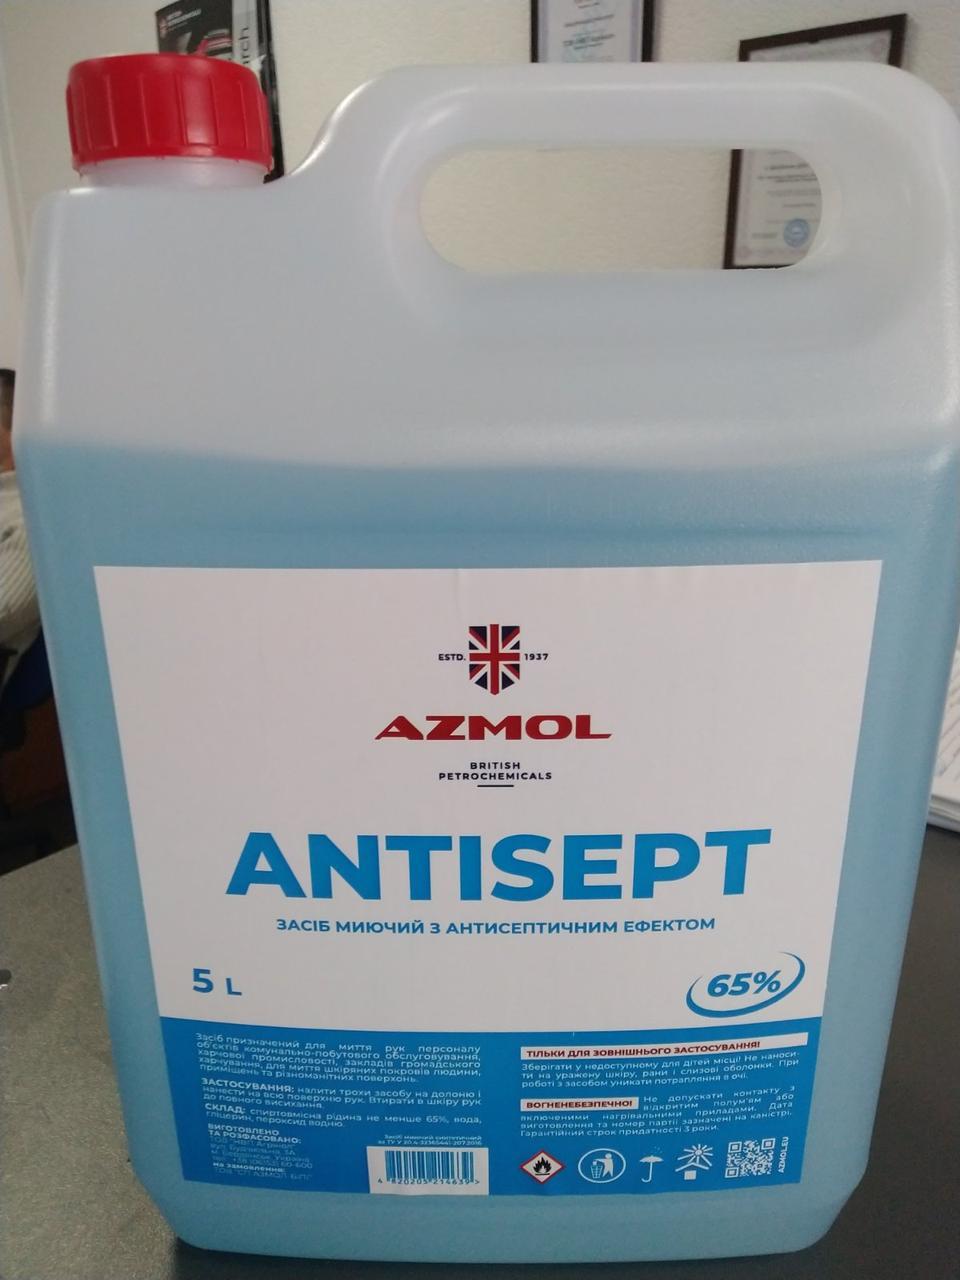 Санитайзер антисептик для рук и поверхностей 5 литров ANTISEPT дезинфицирующее средство для рук - дезинфектант